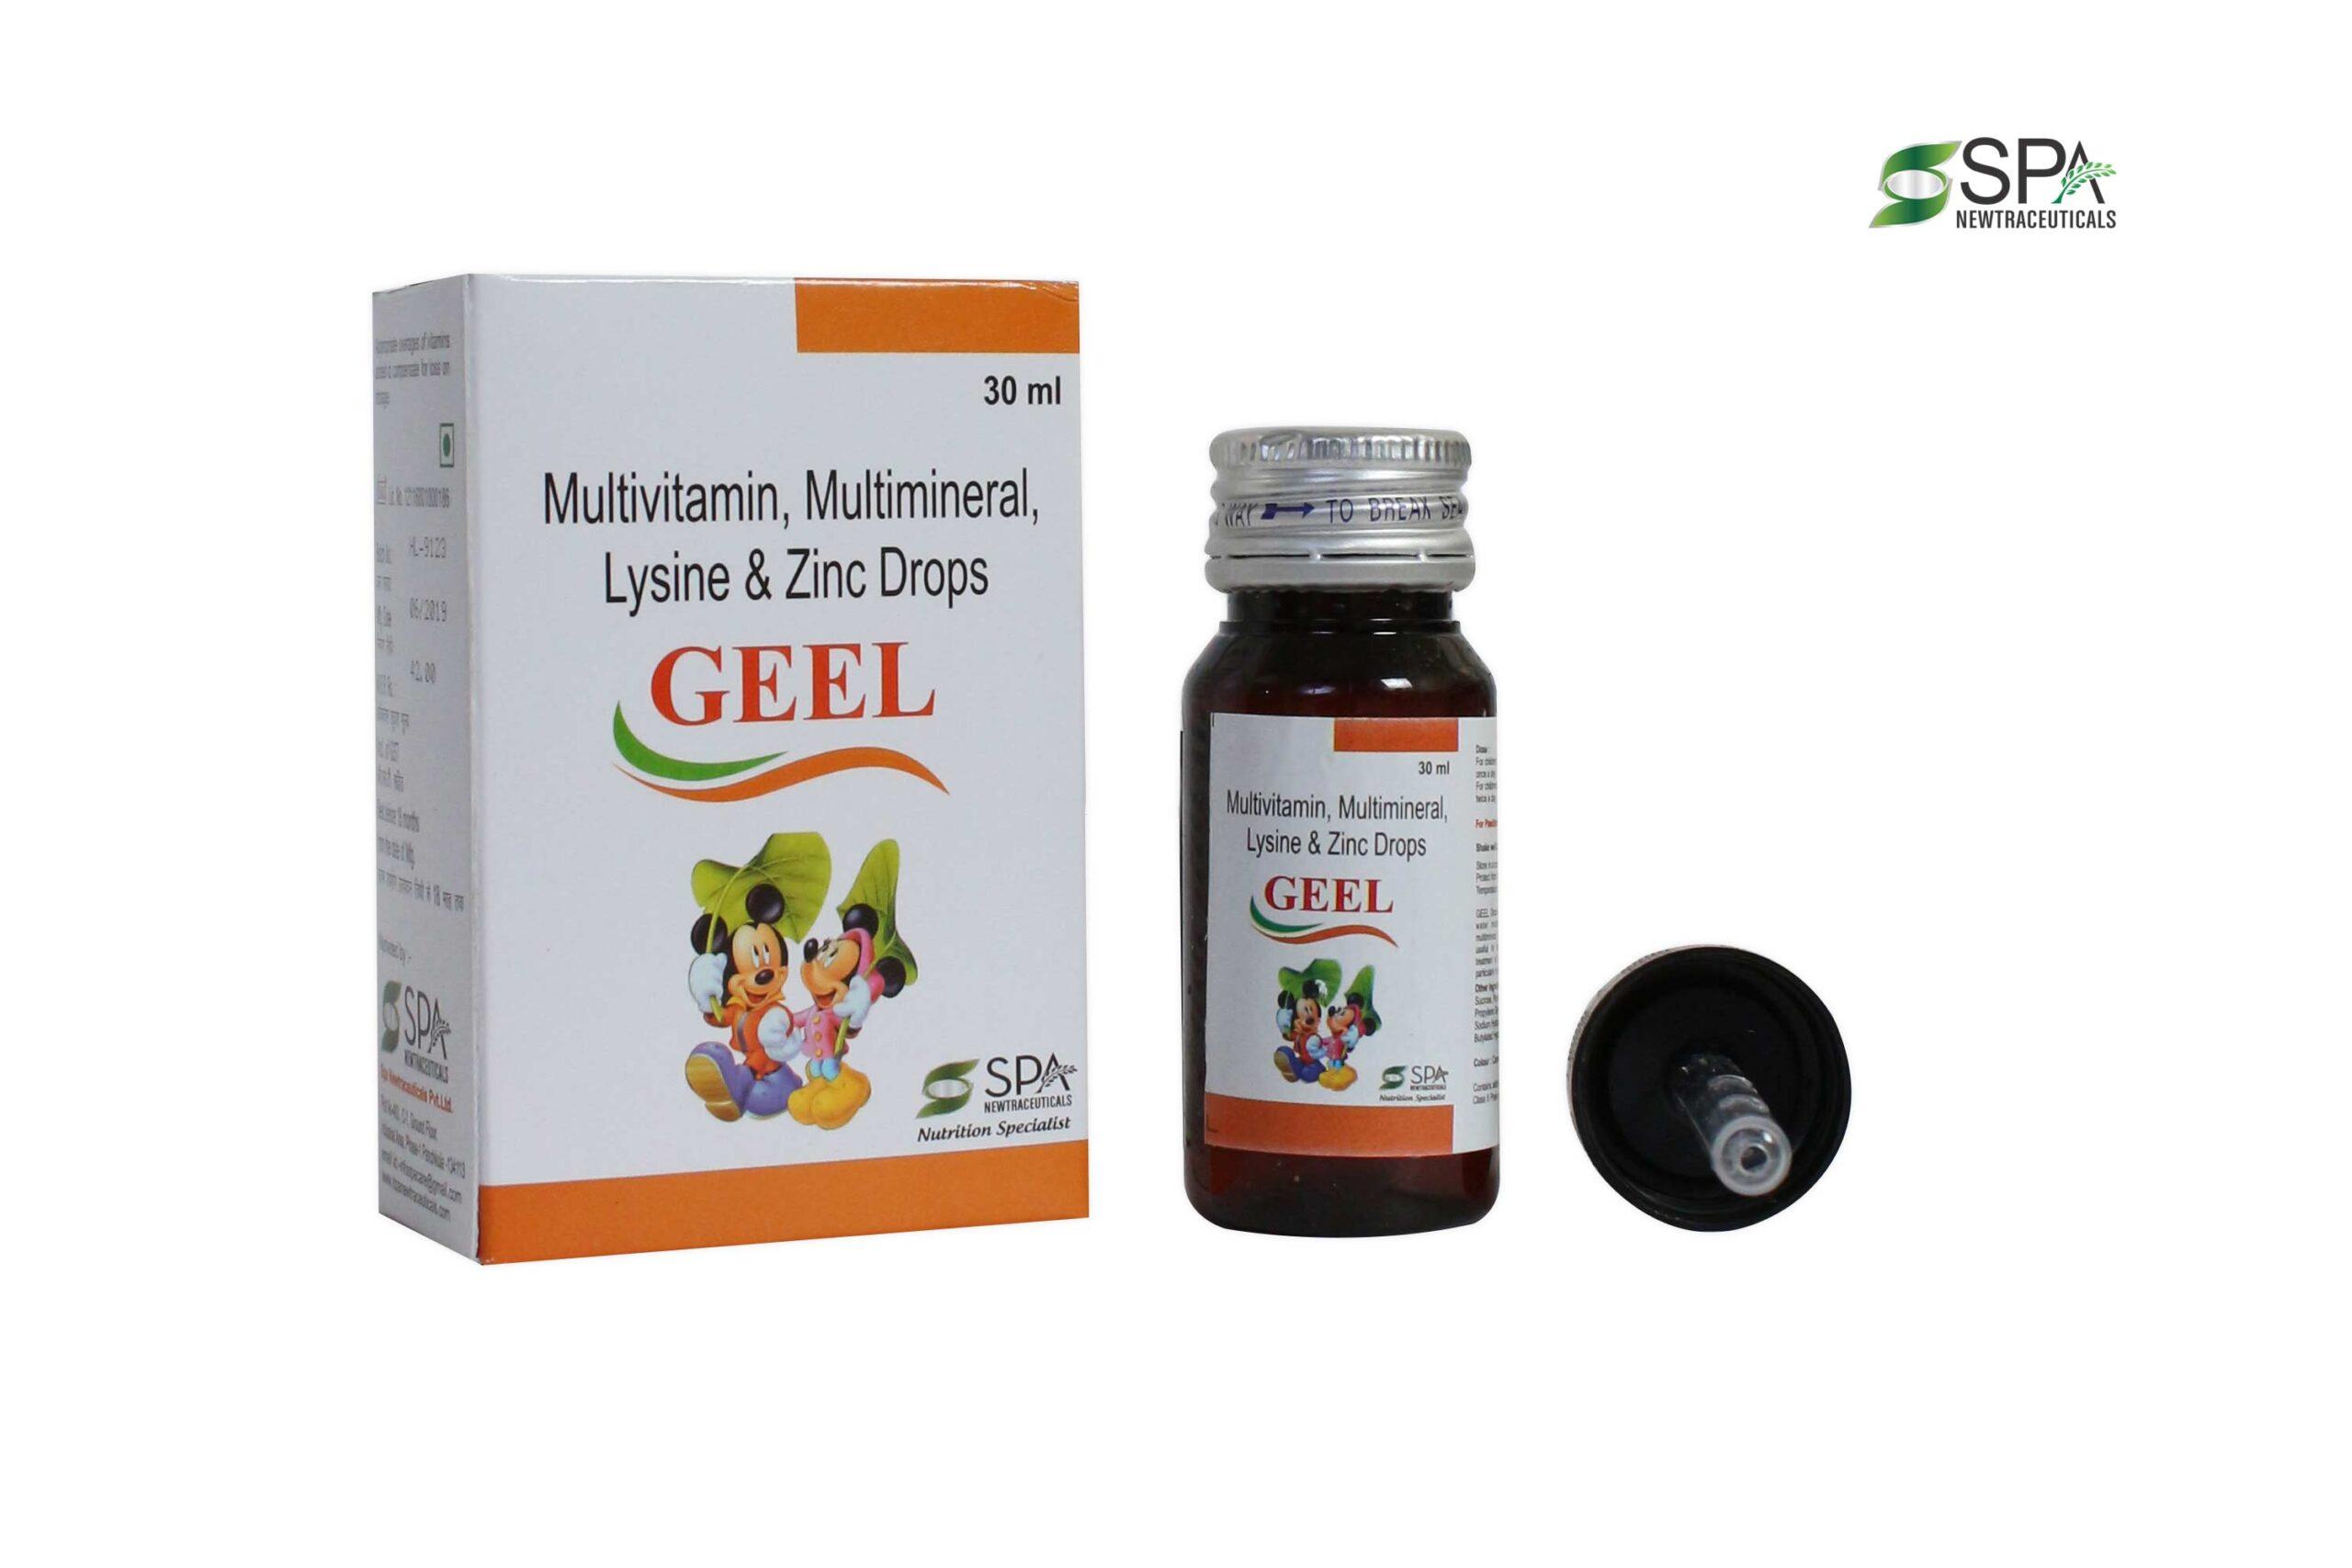 Geel-30ml